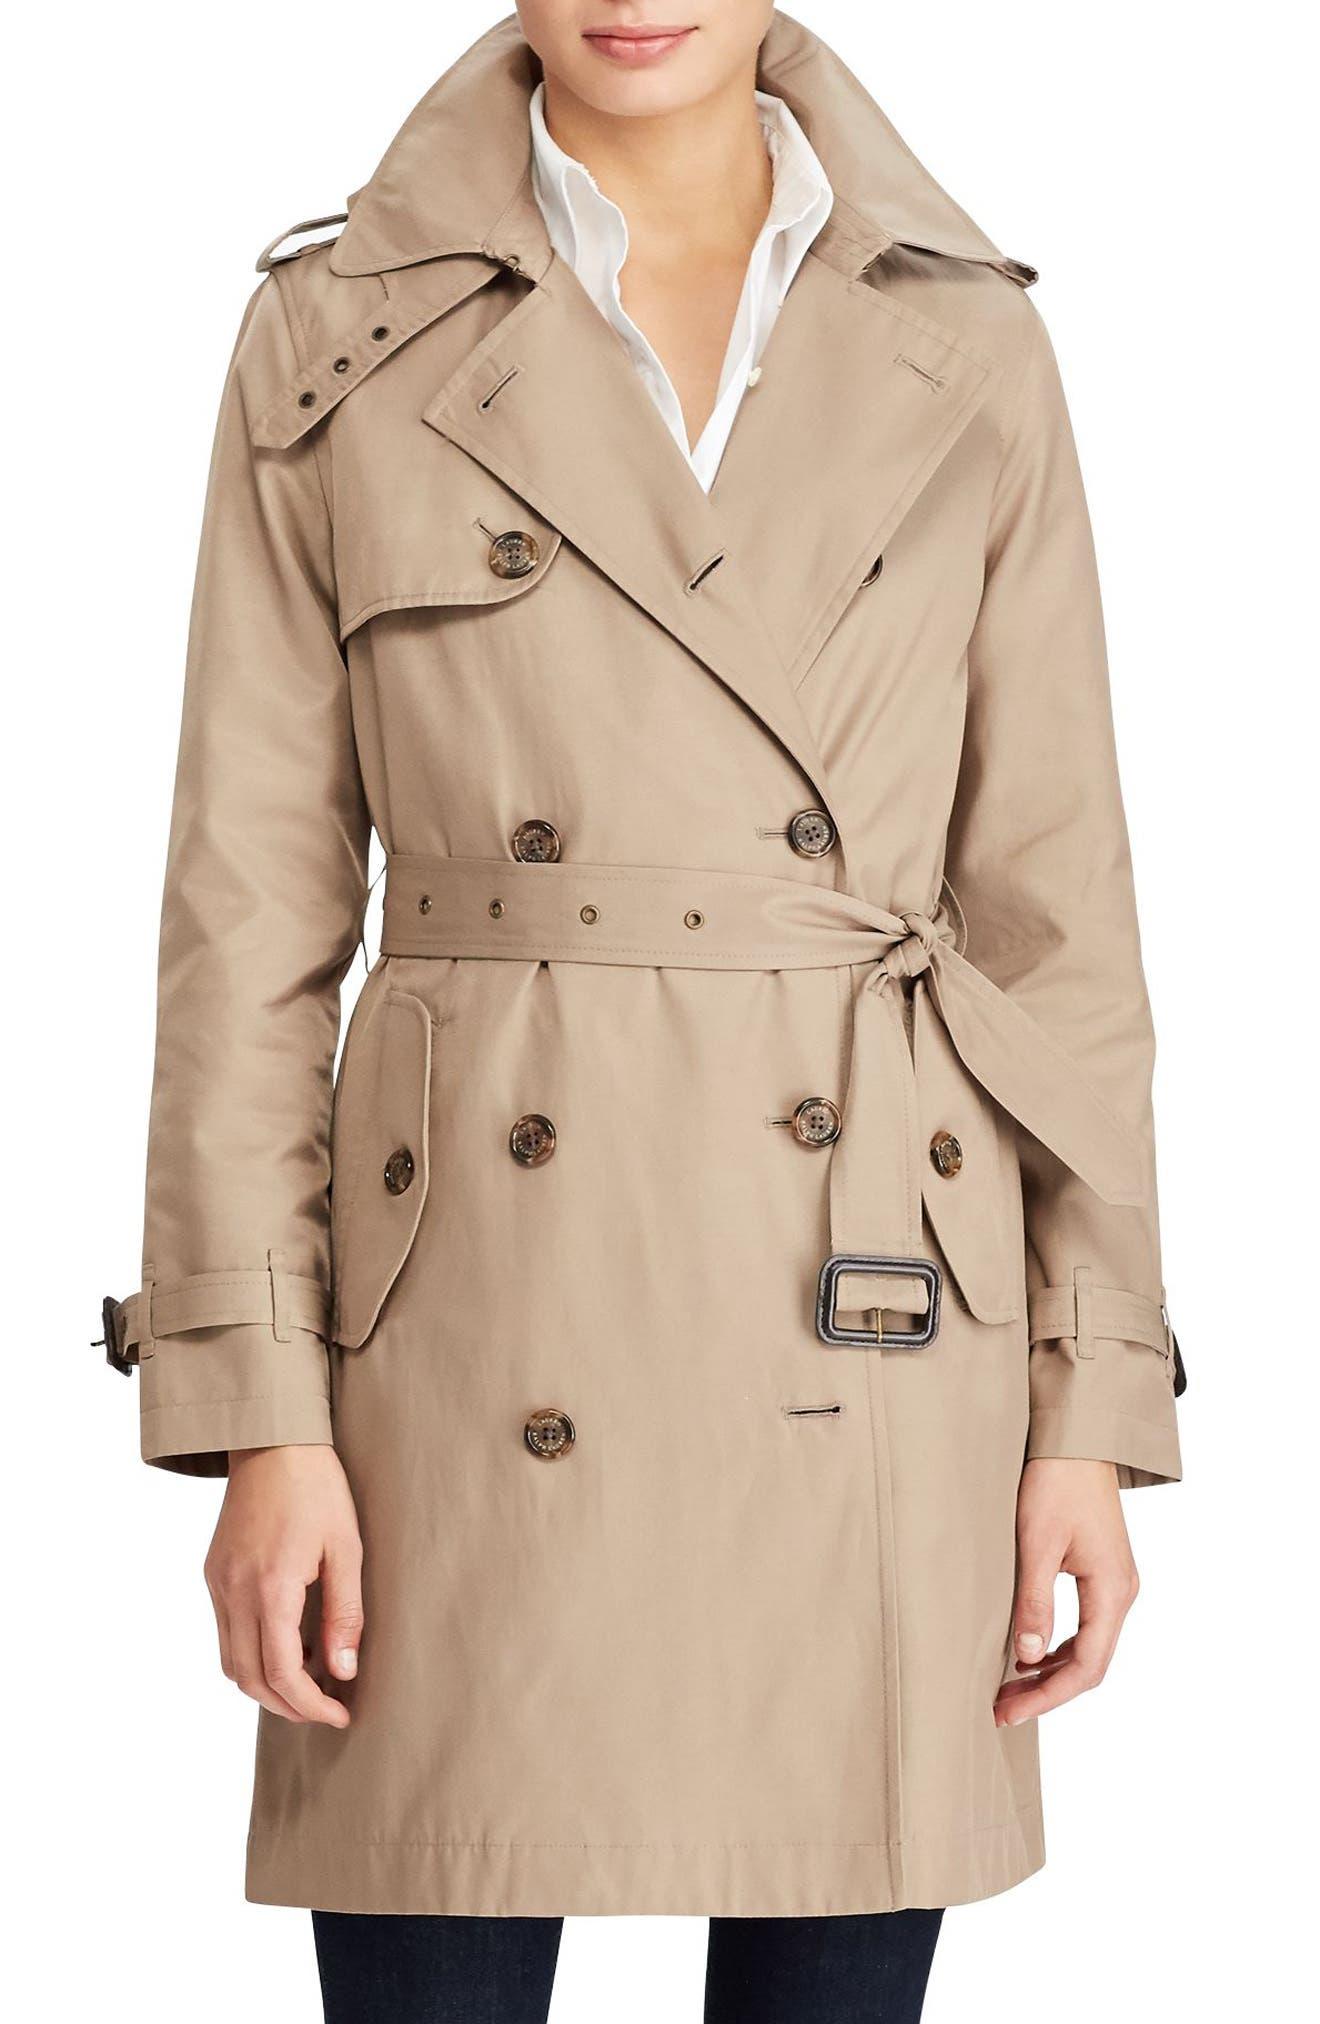 Main Image - Lauren Ralph Lauren Cotton Blend A-Line Trench Coat